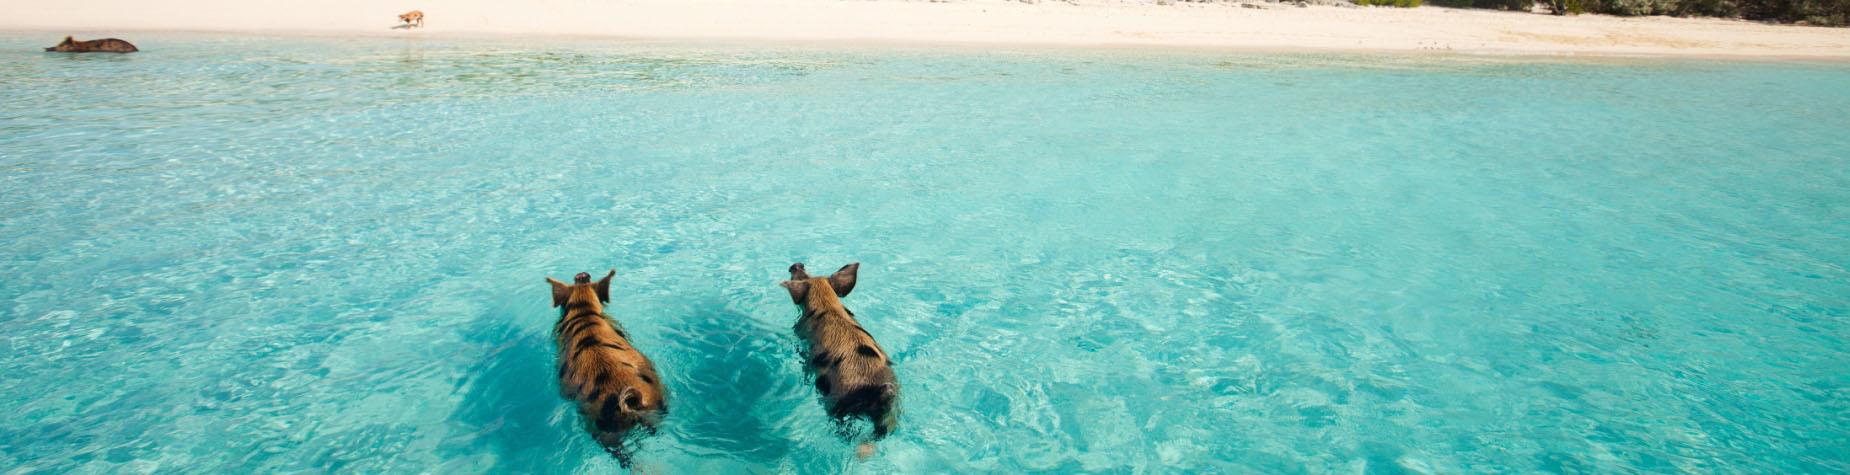 Zwem met biggetjes op de Bahamas